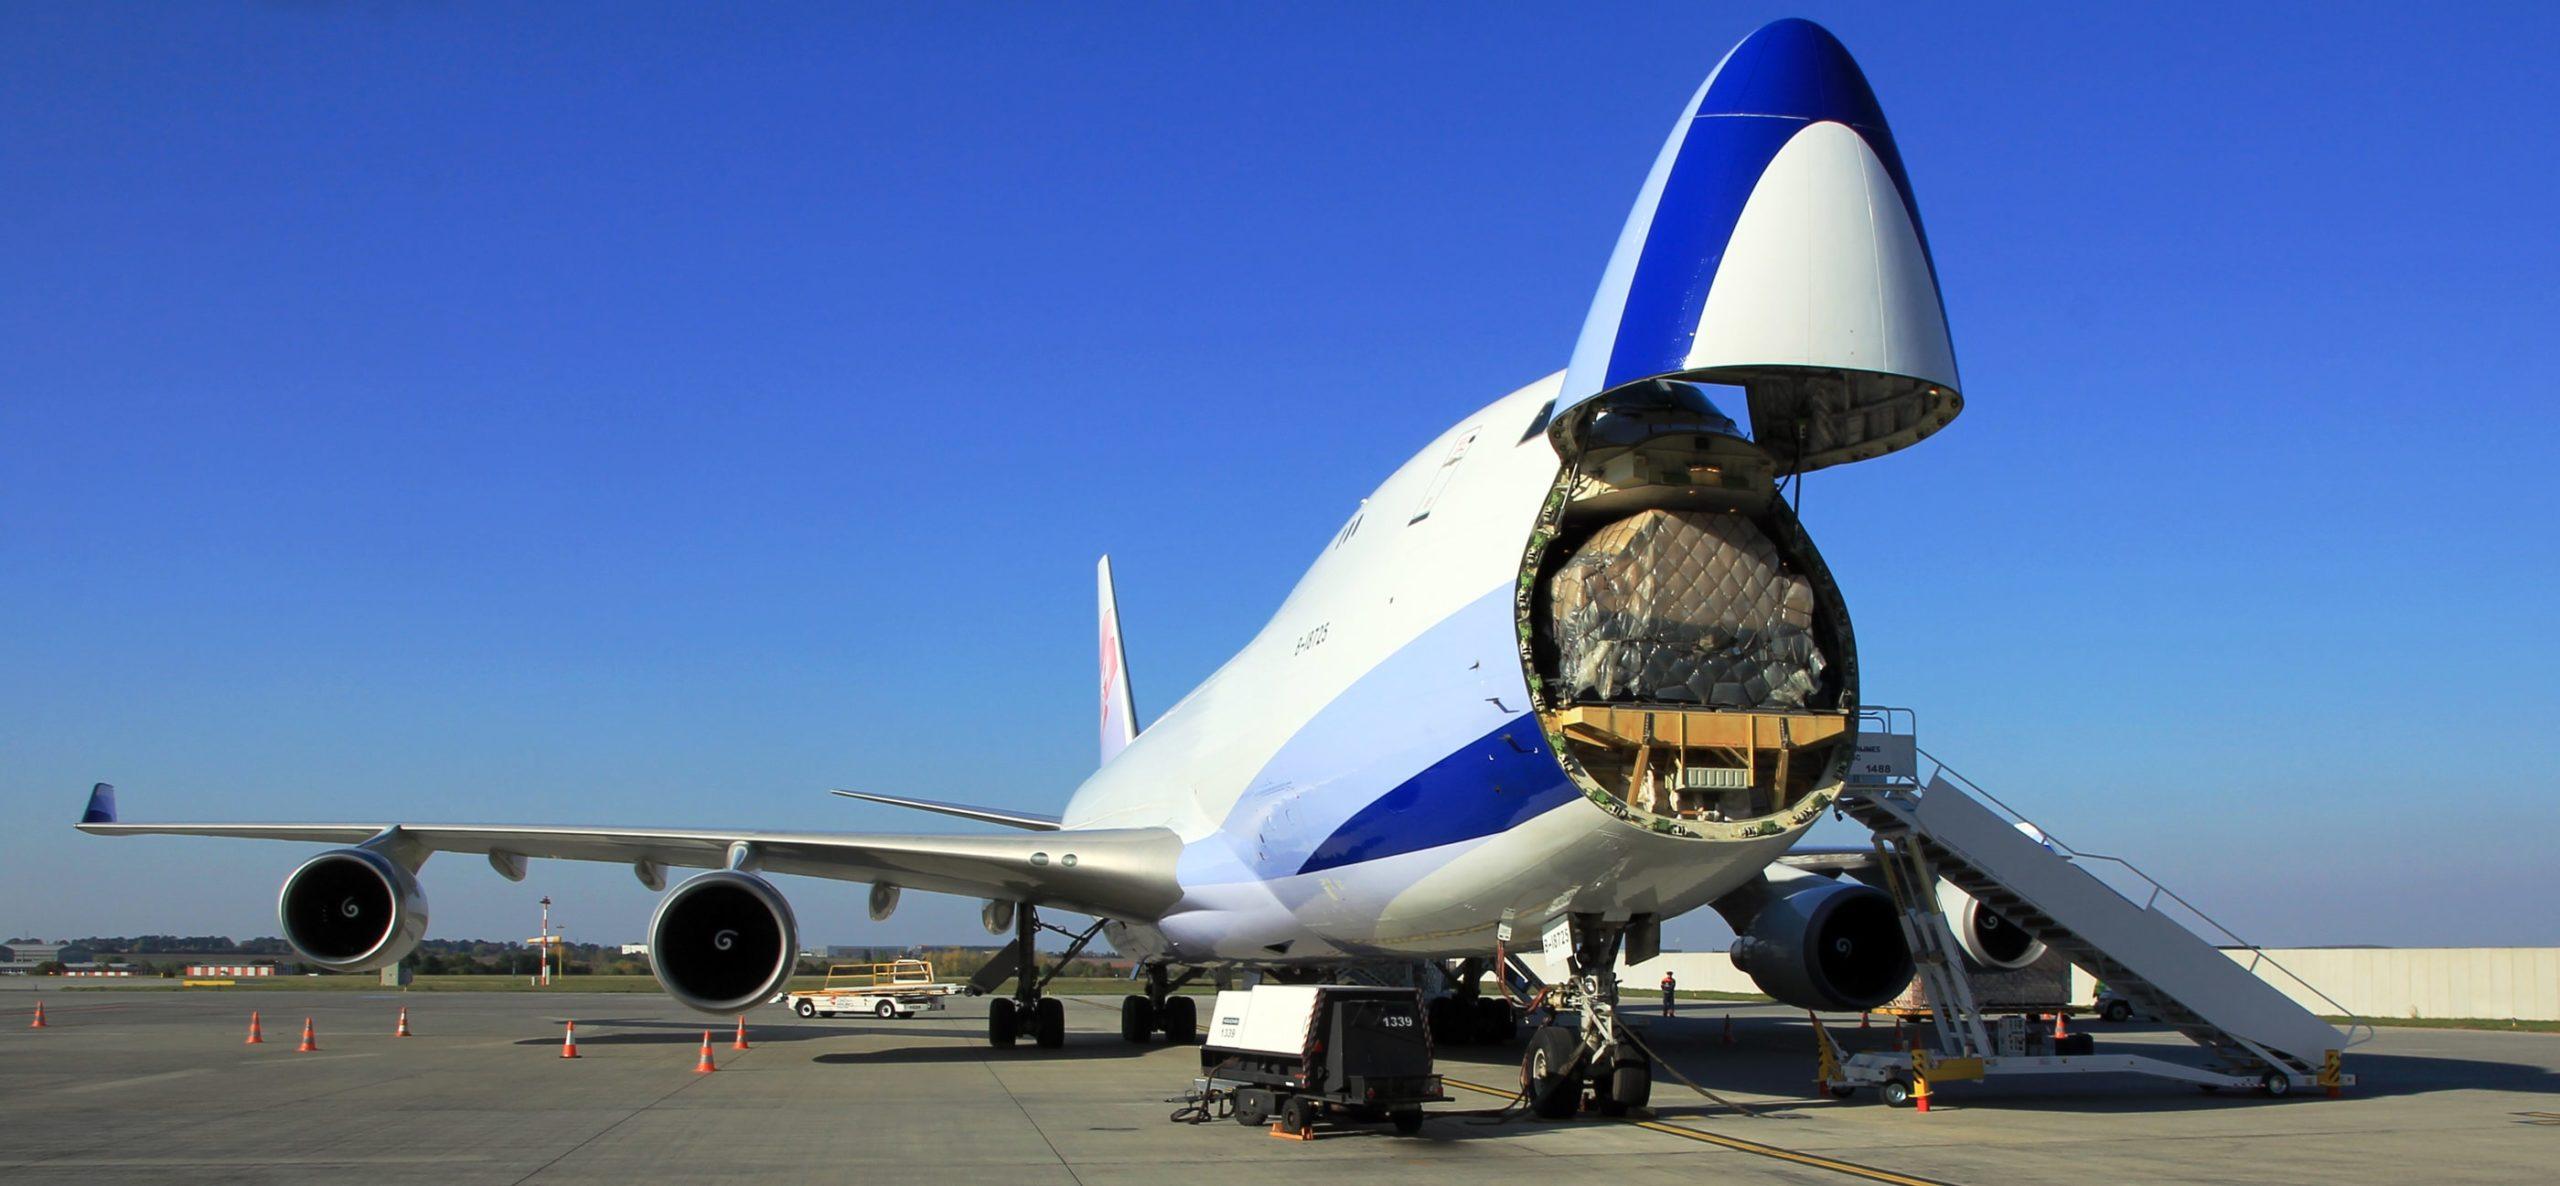 Le Boeing B747 Cargo pour le transport aérien des vaccins COVID-19